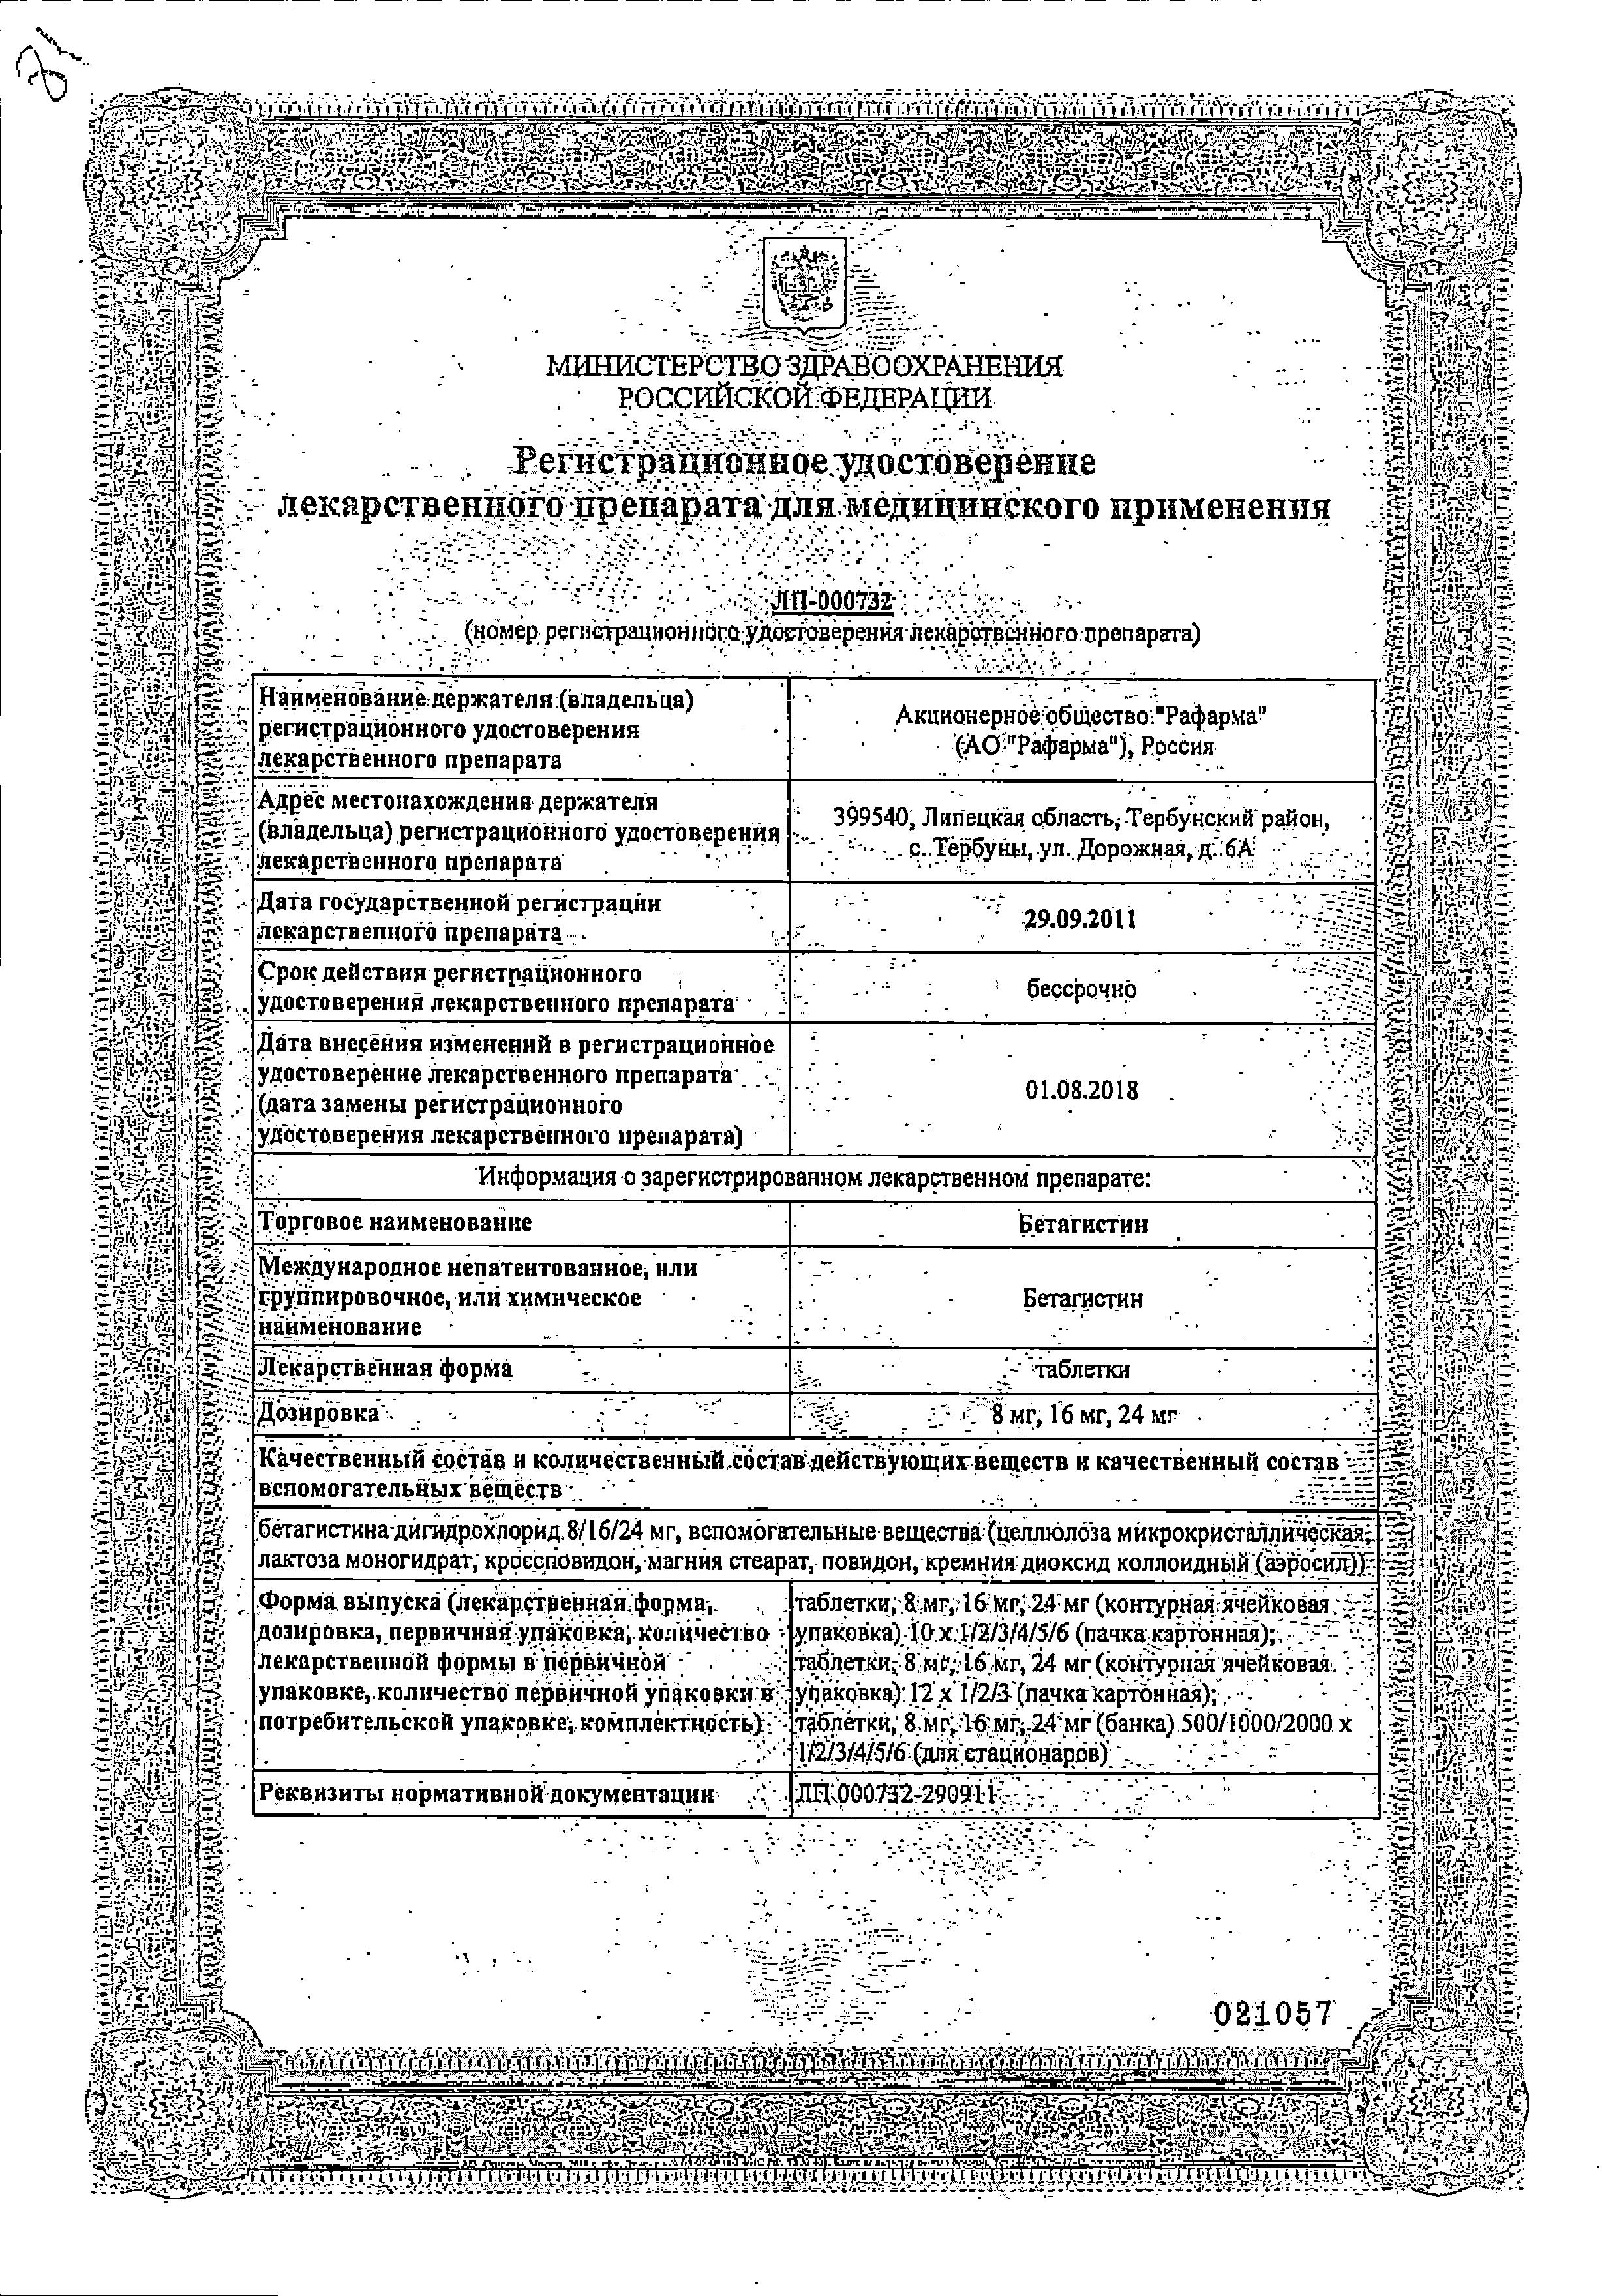 Бетагистин сертификат